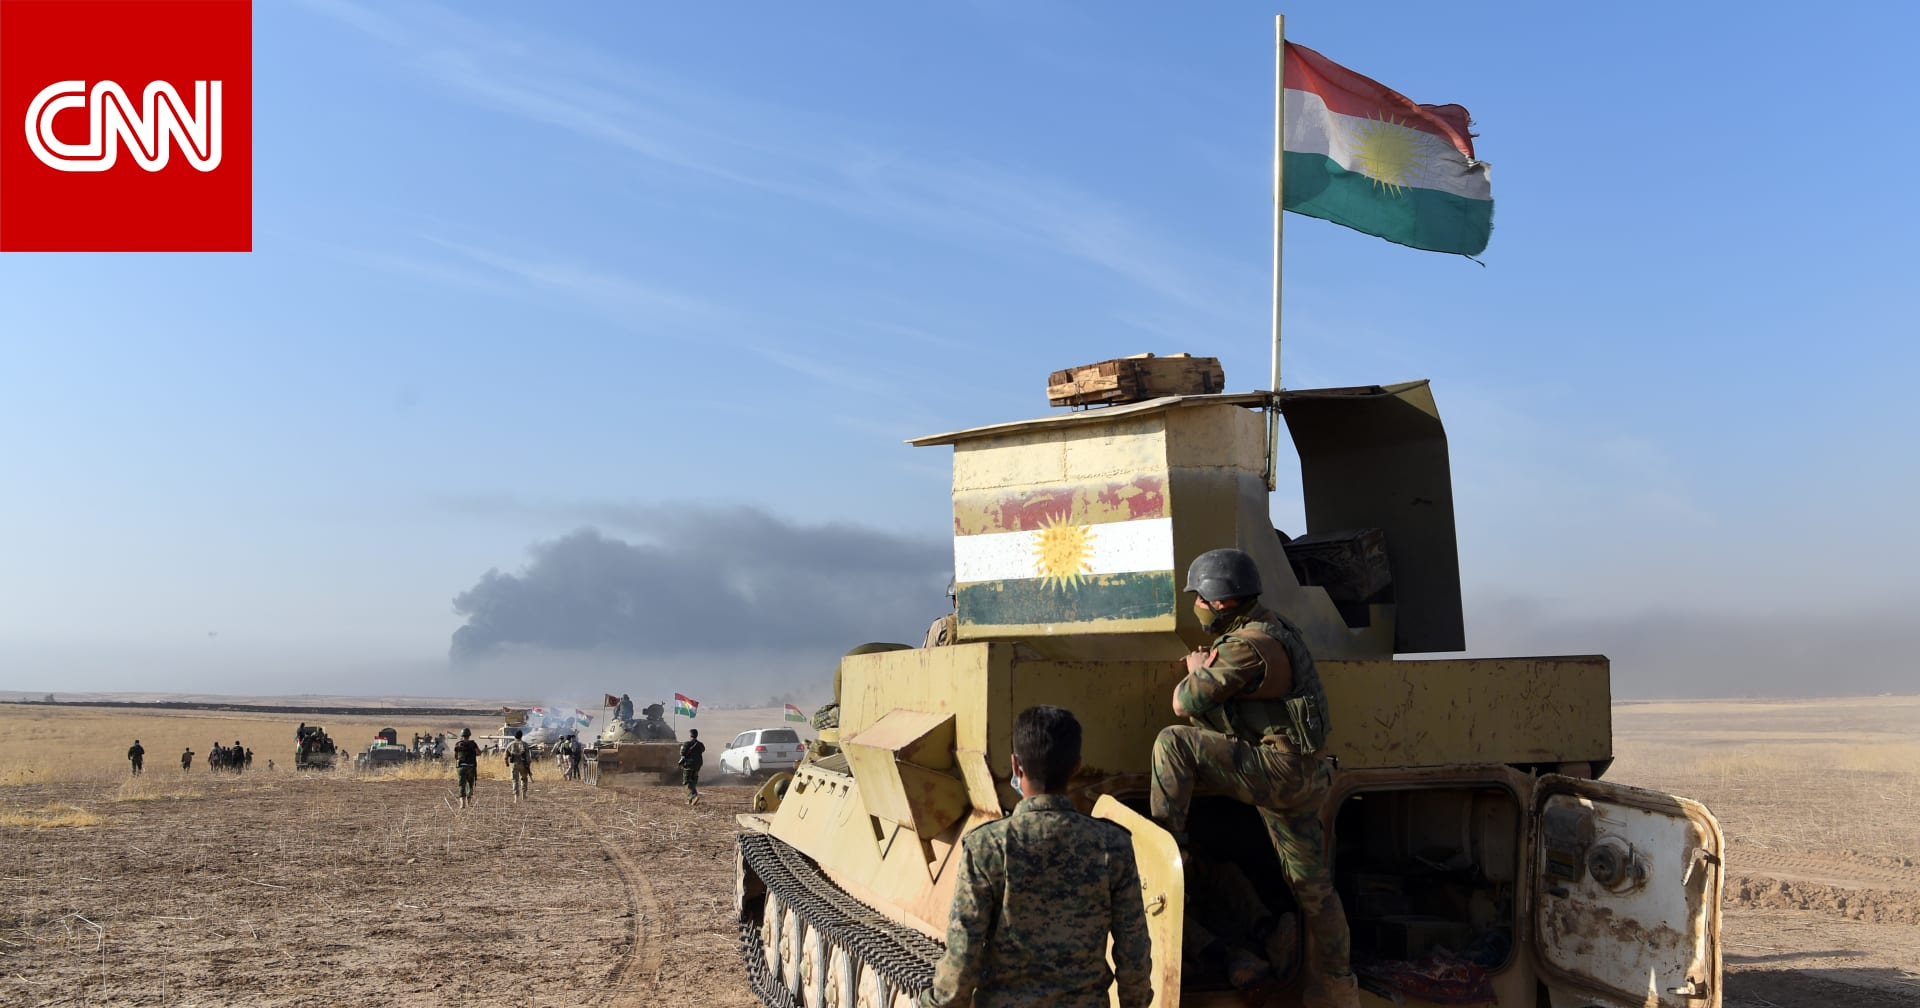 """مقتل 5 من قوات البيشمركة وإصابة 4 في """"كمين"""" لحزب العمال الكردستاني"""